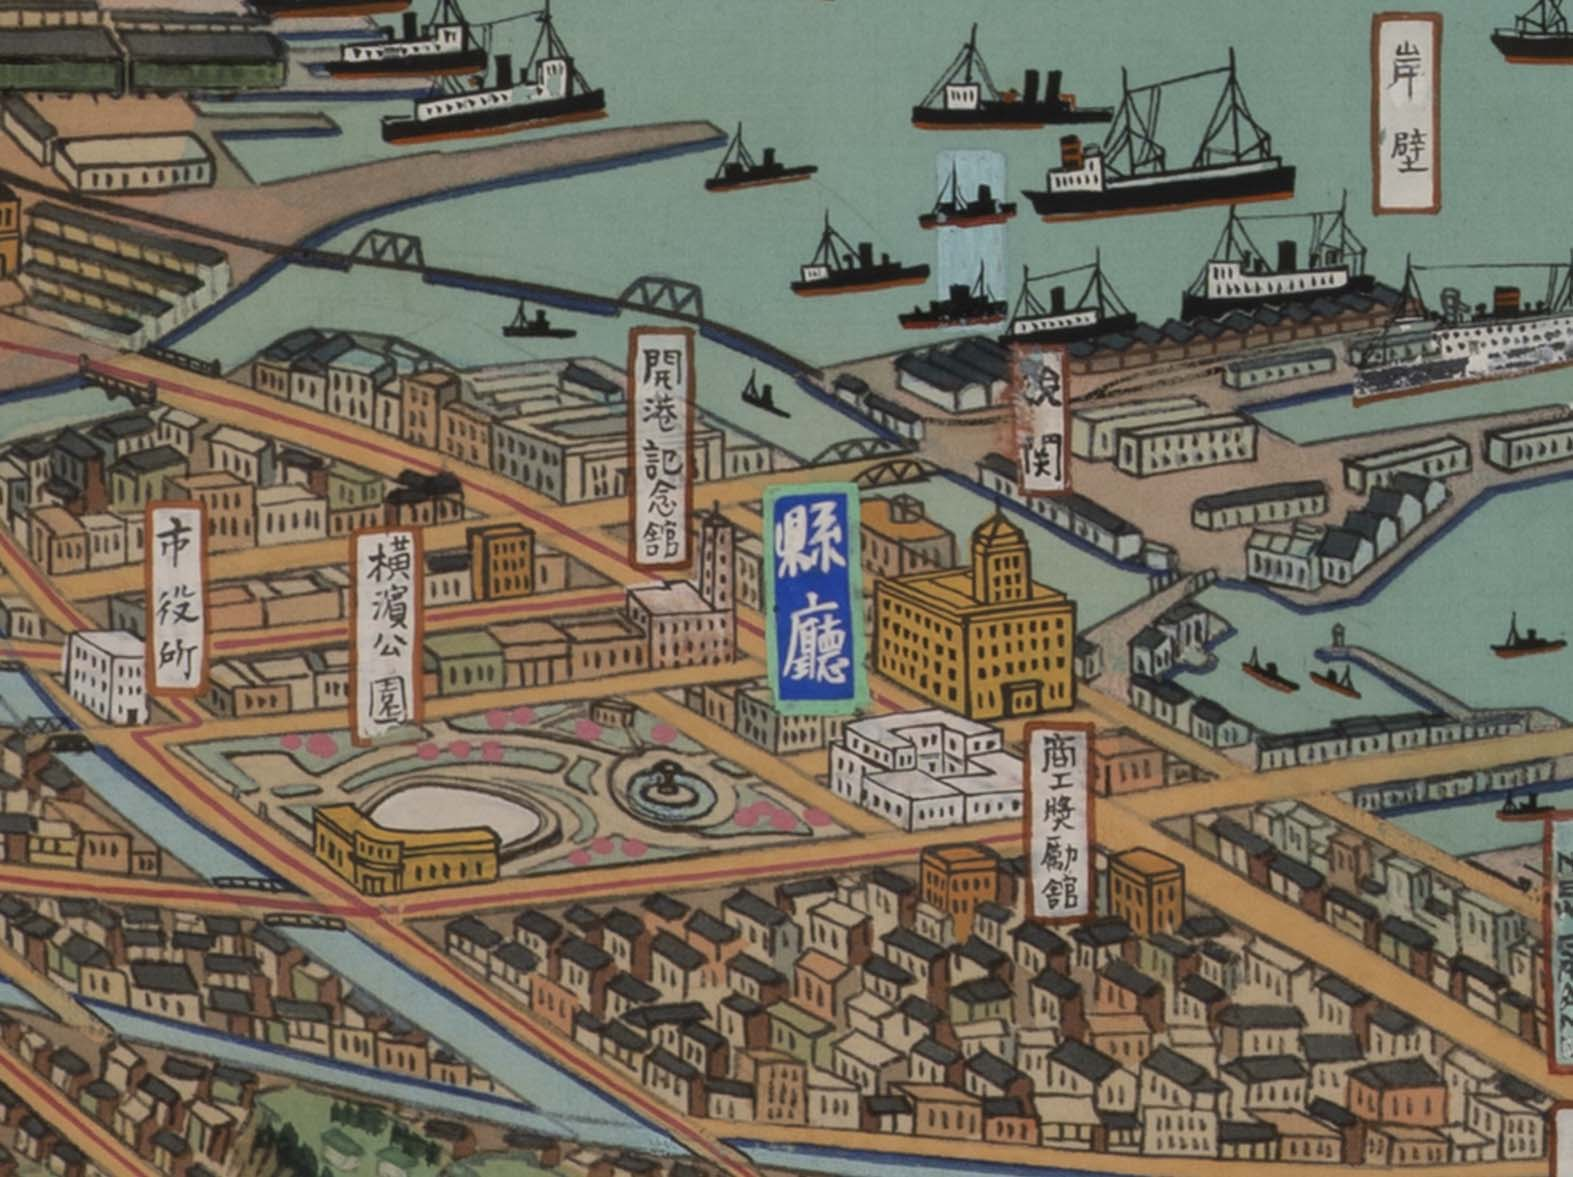 神奈川県鳥瞰図(部分)